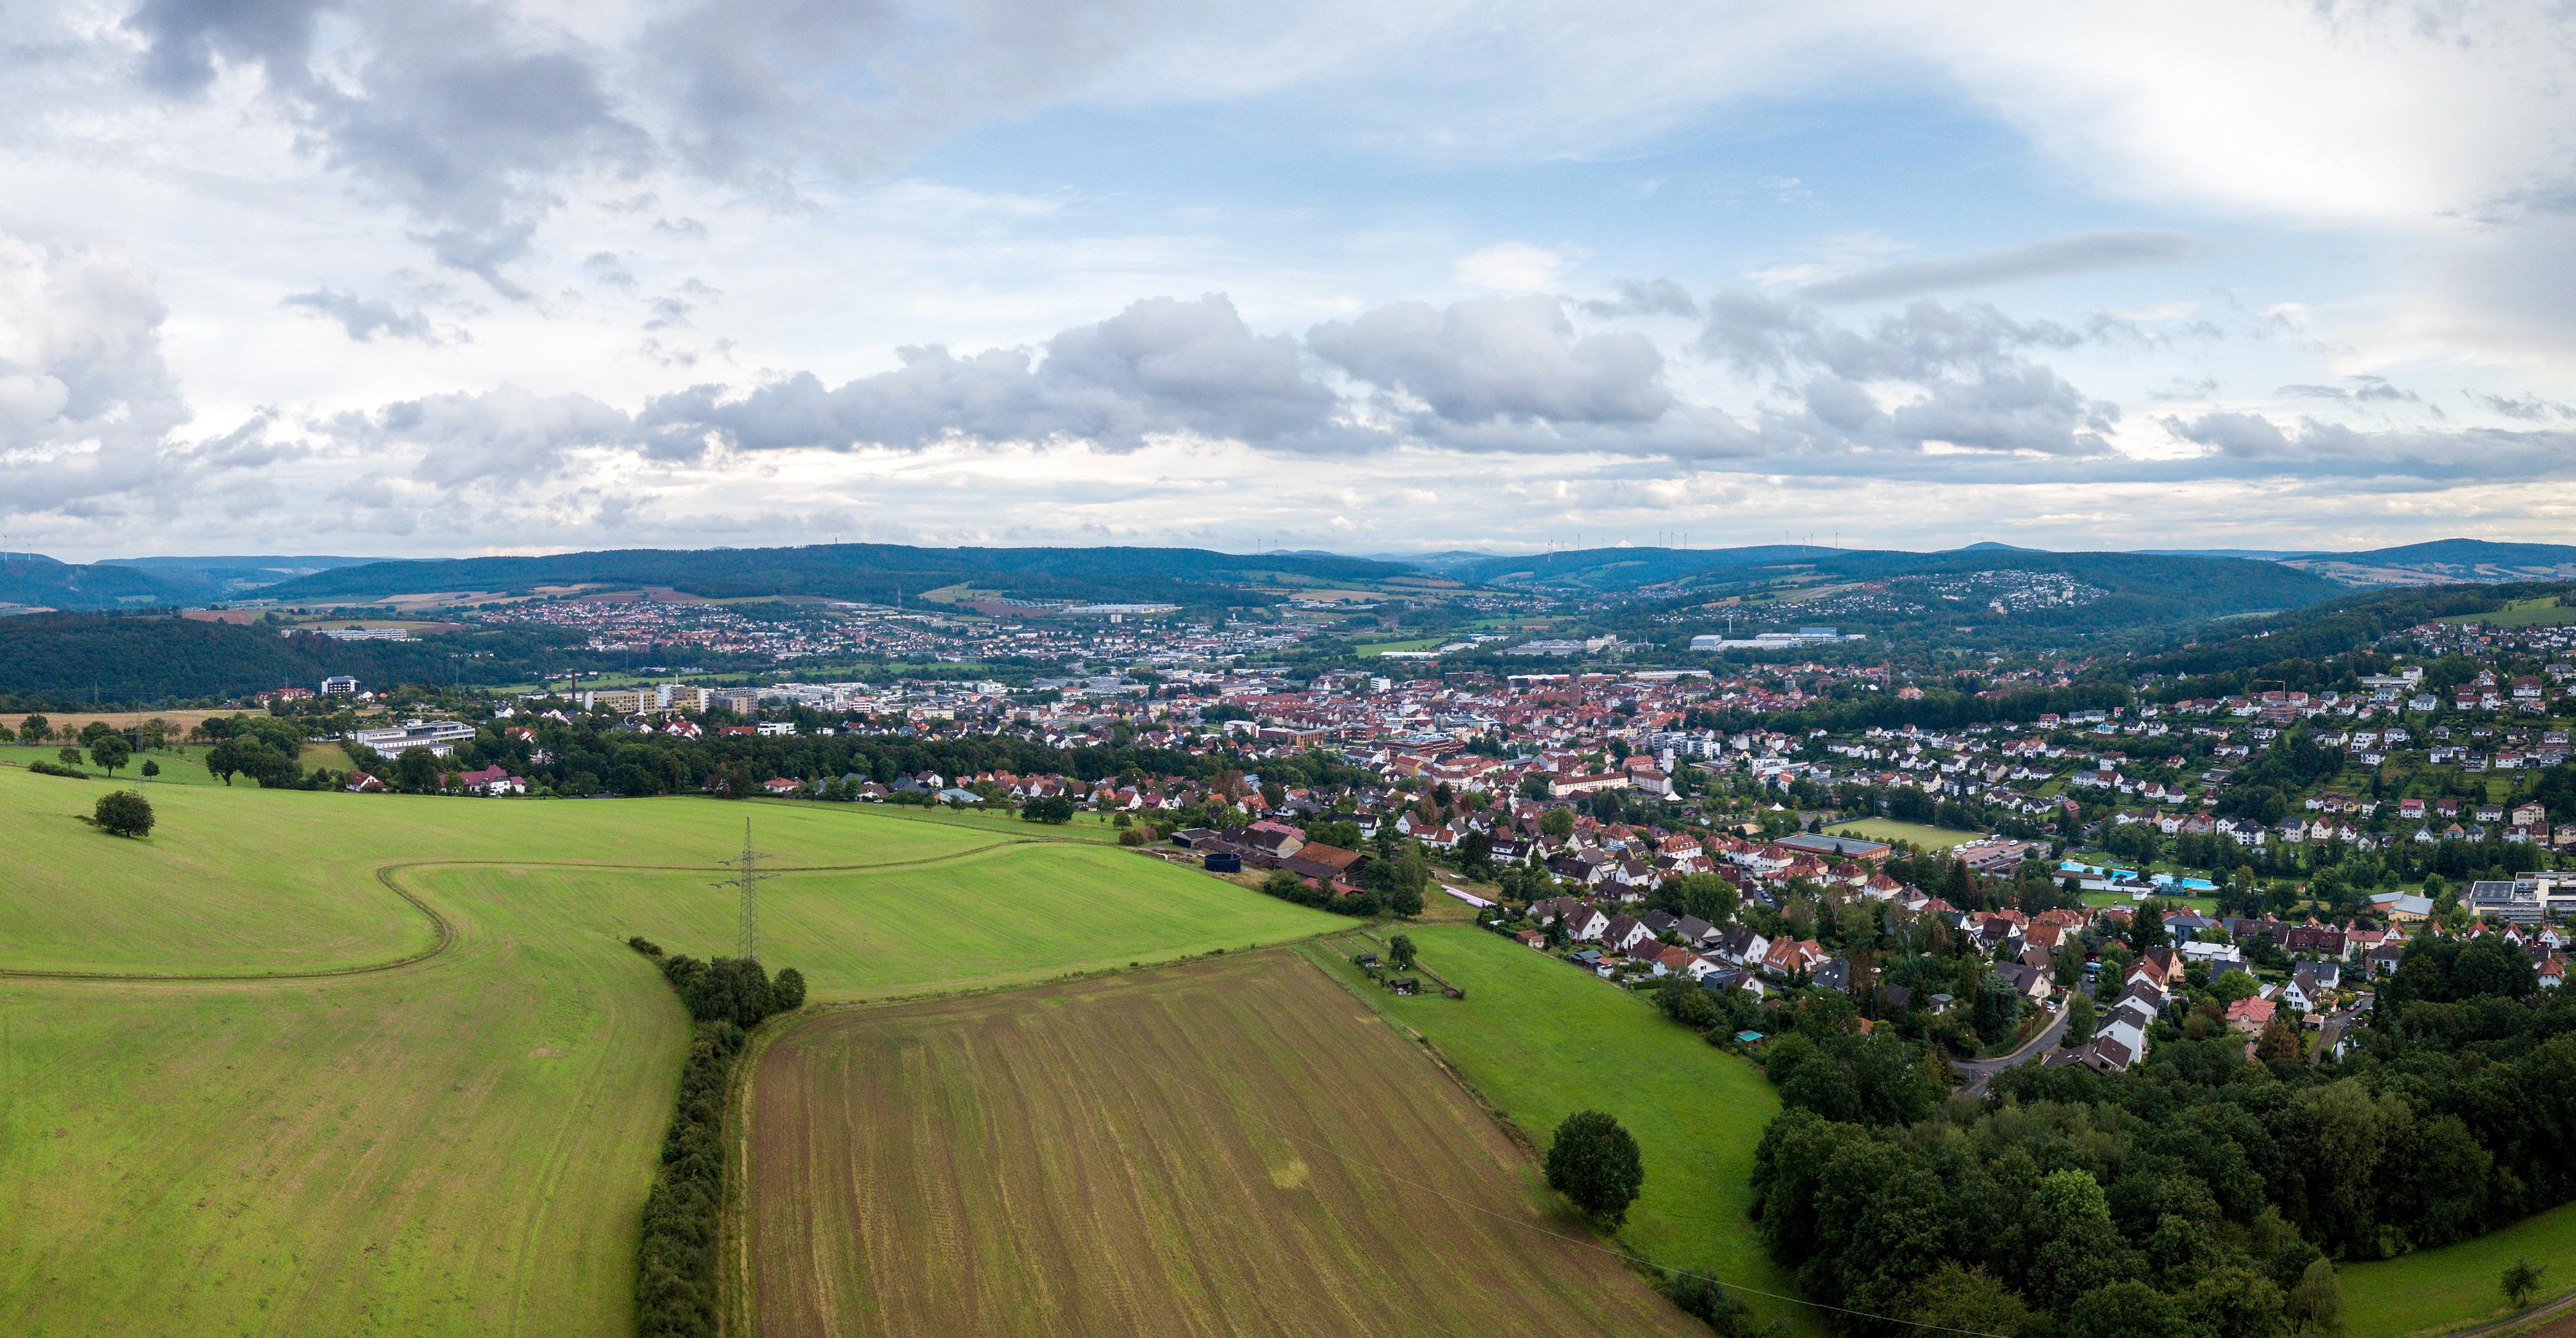 Lauftaufnahme aus einer Drohne. Im Vordergrund sind grüne Wiesen. Weiter am Horizont ist die hessische Mittelstadt Bad Hersfeld.